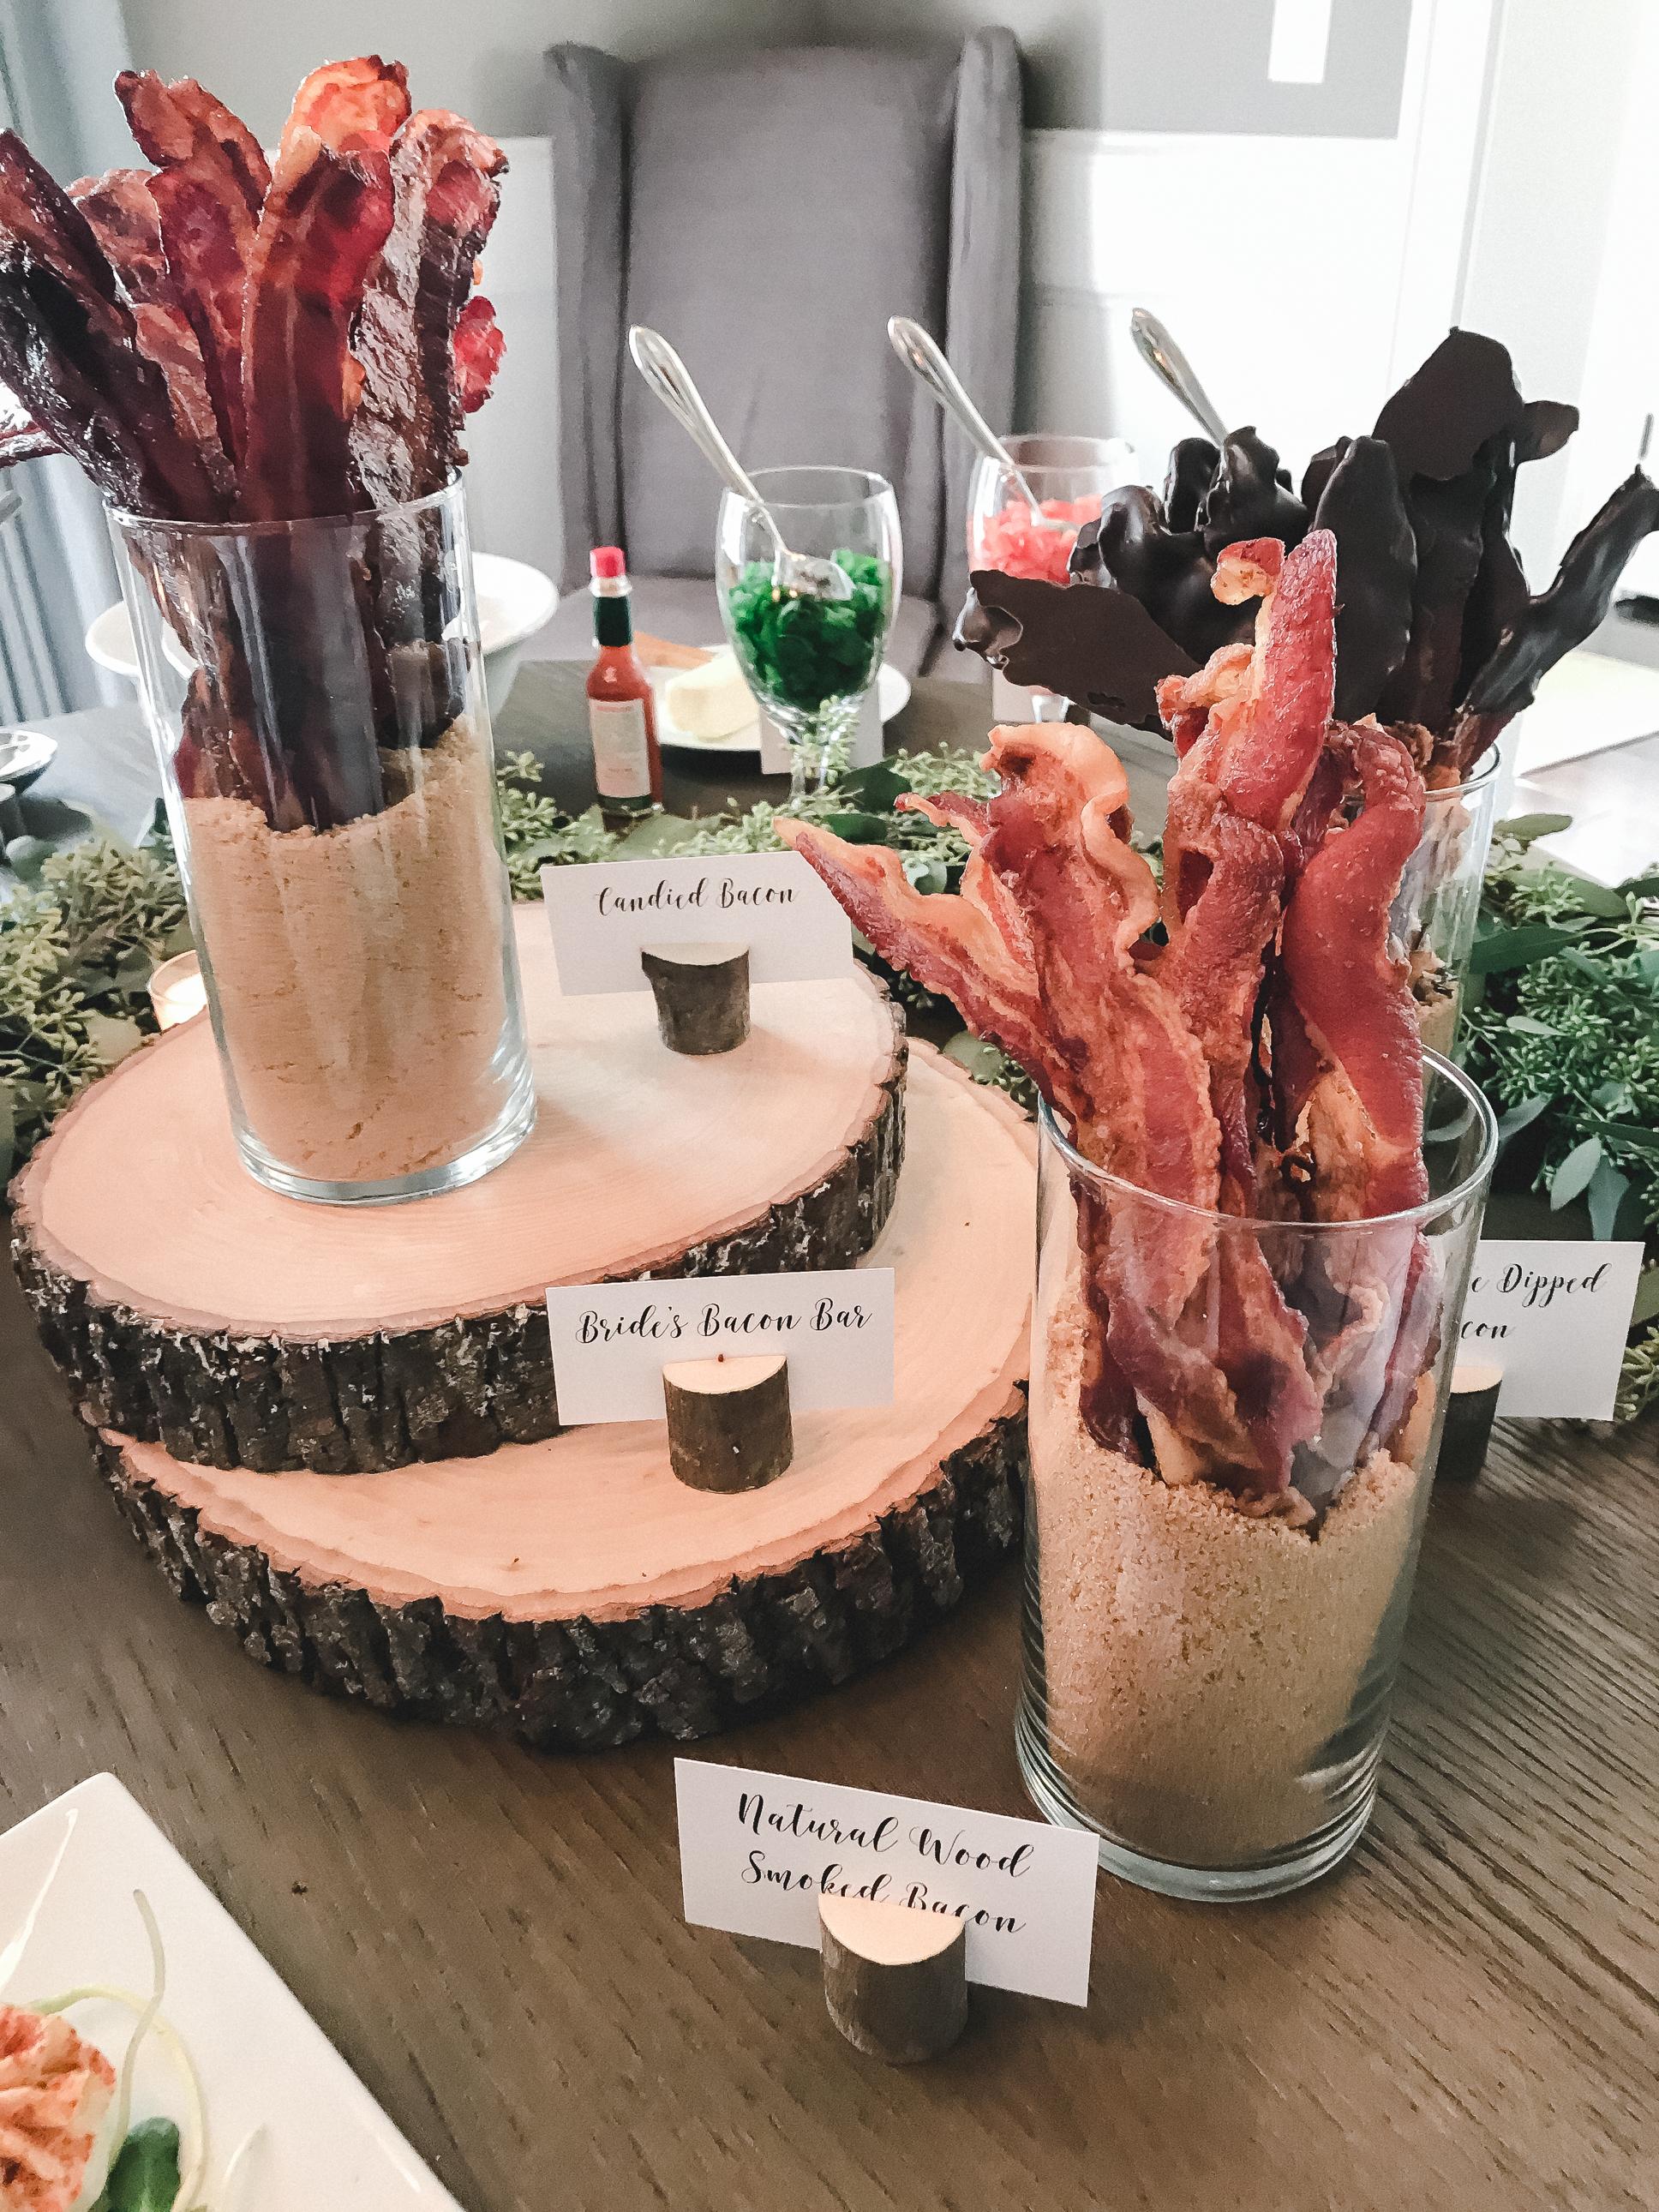 bacon-bar